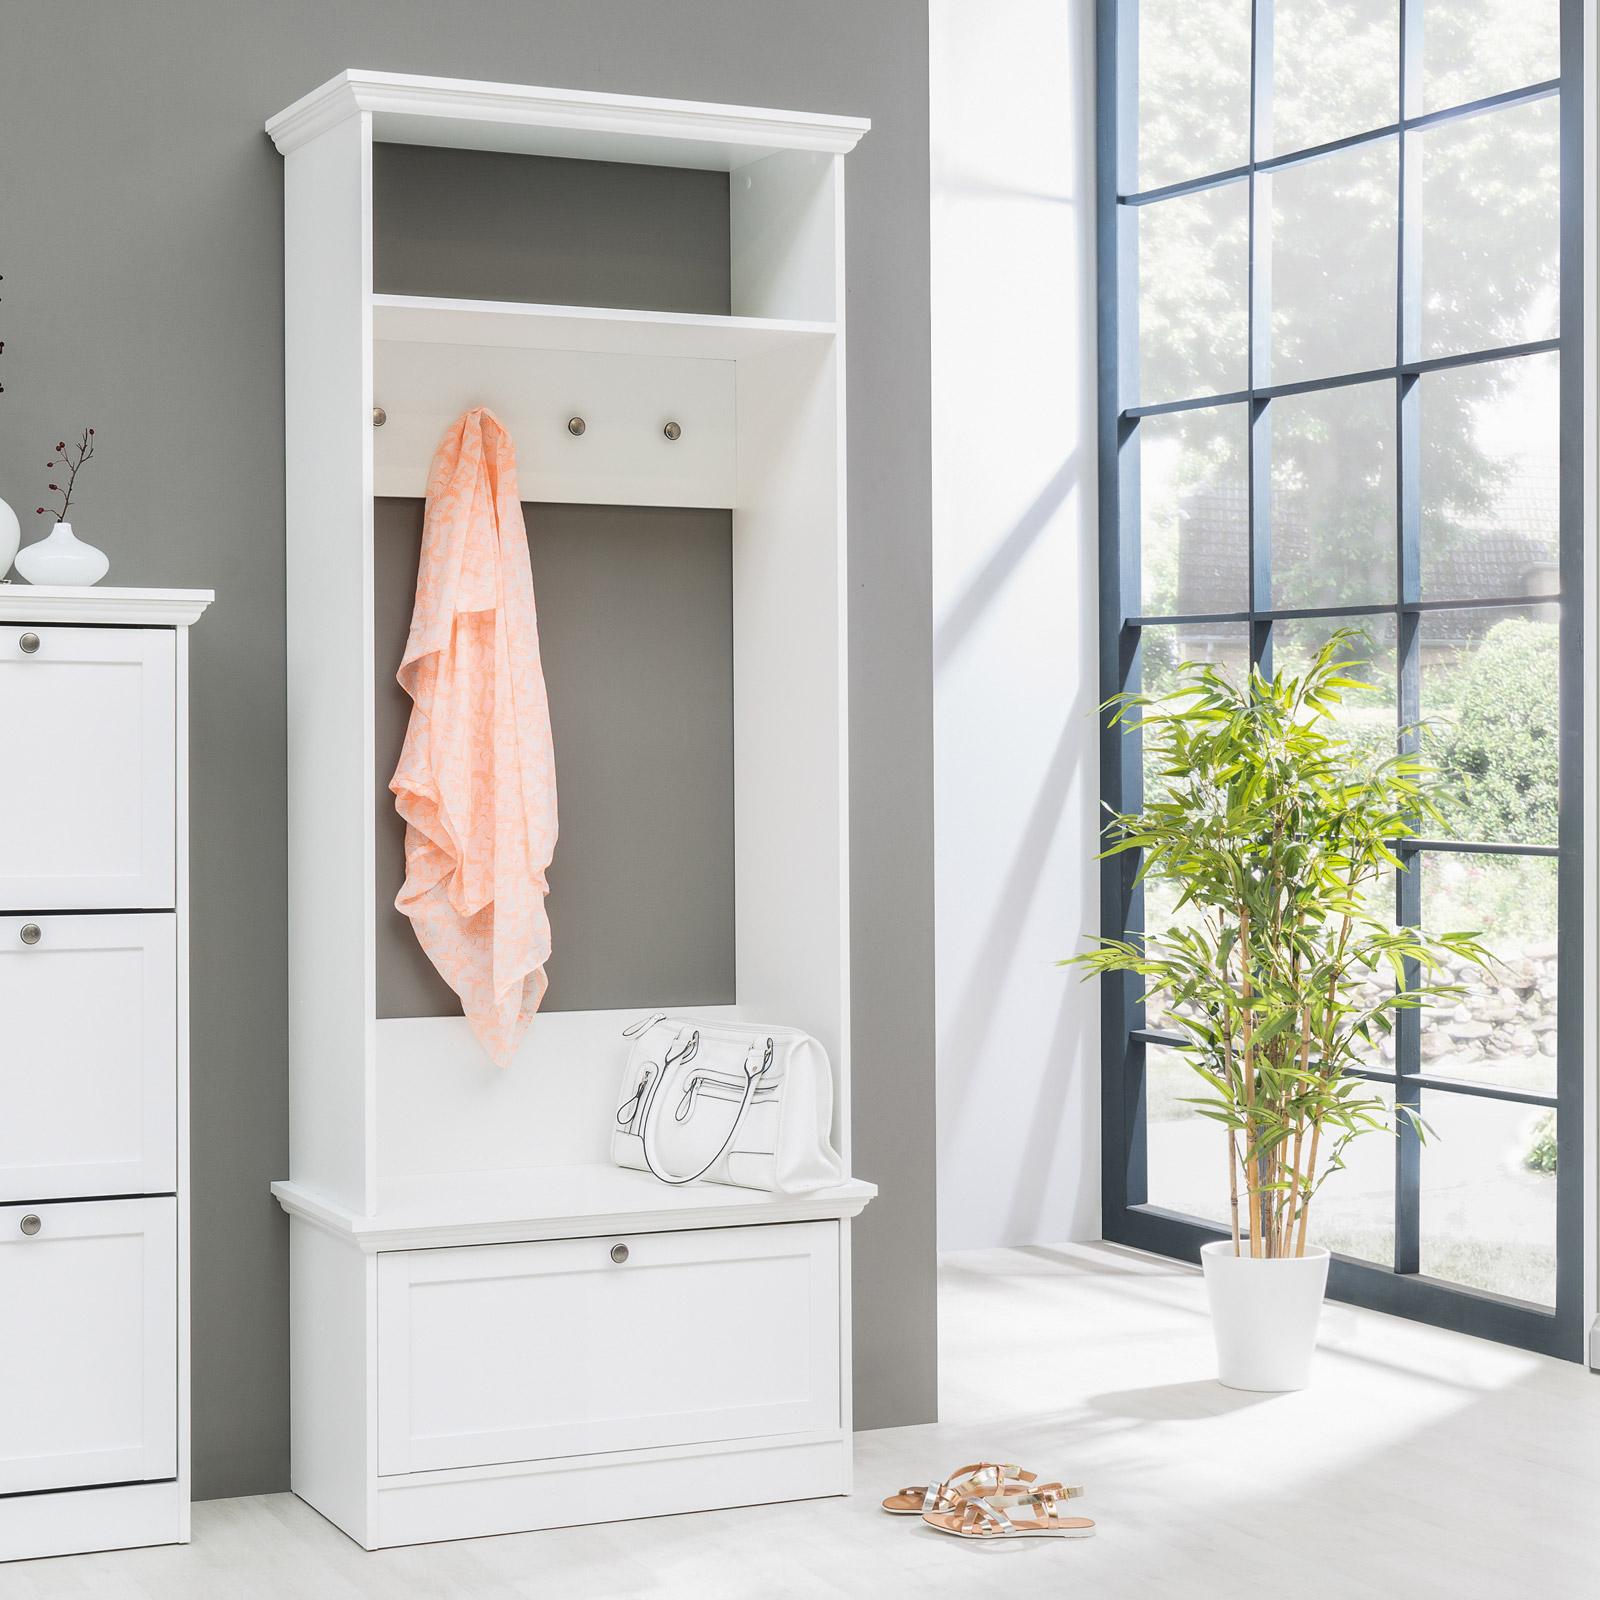 Kompaktgarderobe landwood garderobe flur diele in wei mit for Landhausstil flur garderobe